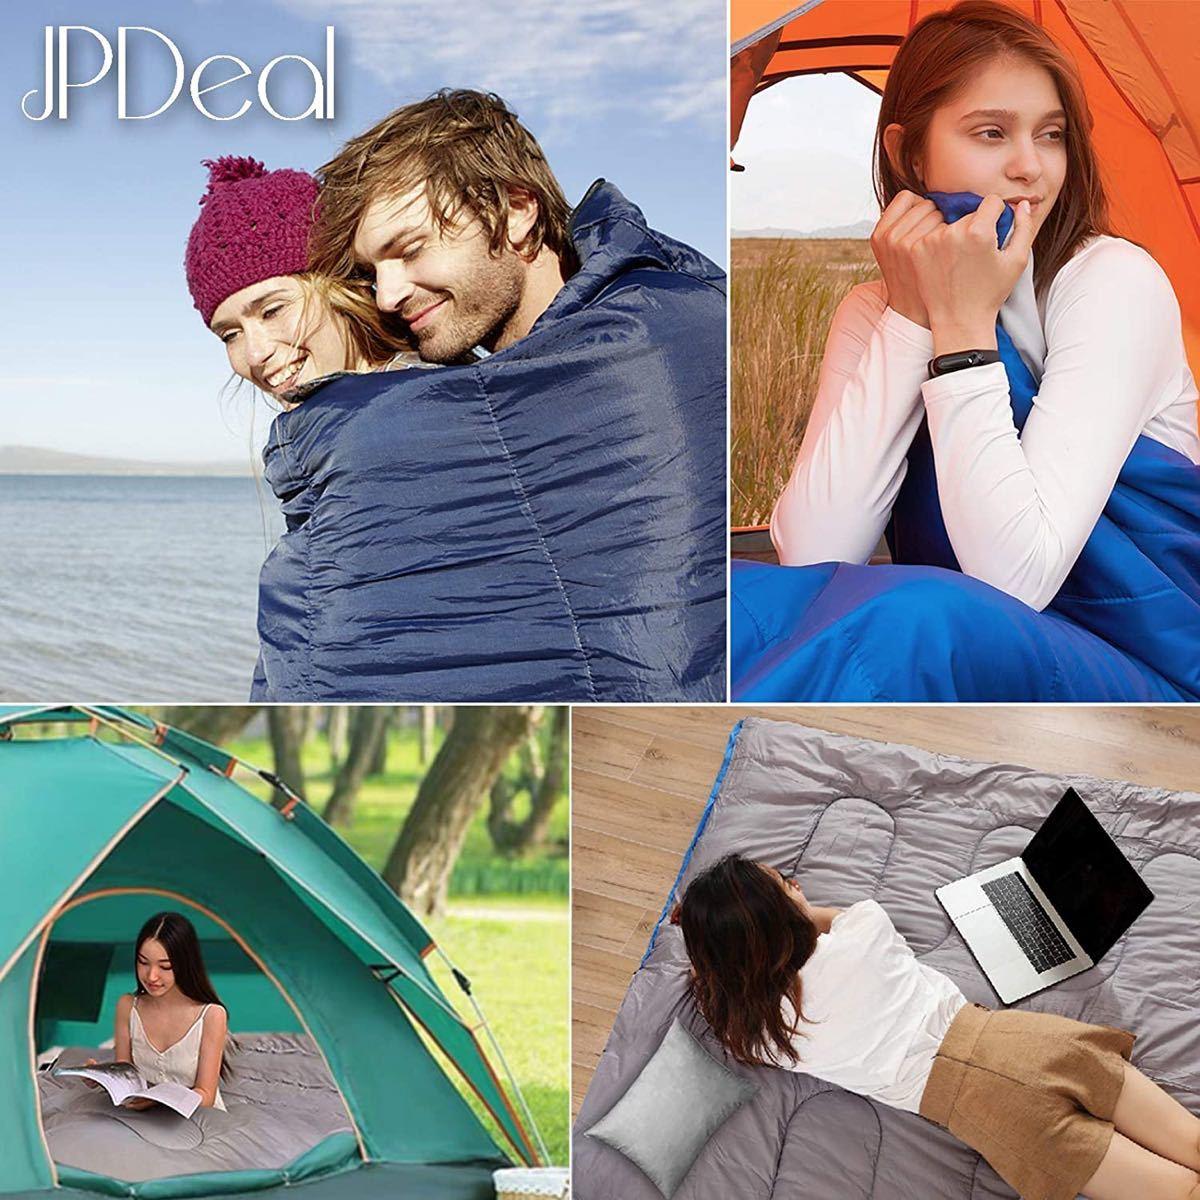 寝袋 封筒型 シュラフ 連結可能 軽量 登山 キャンプ 車中泊 JPDeal